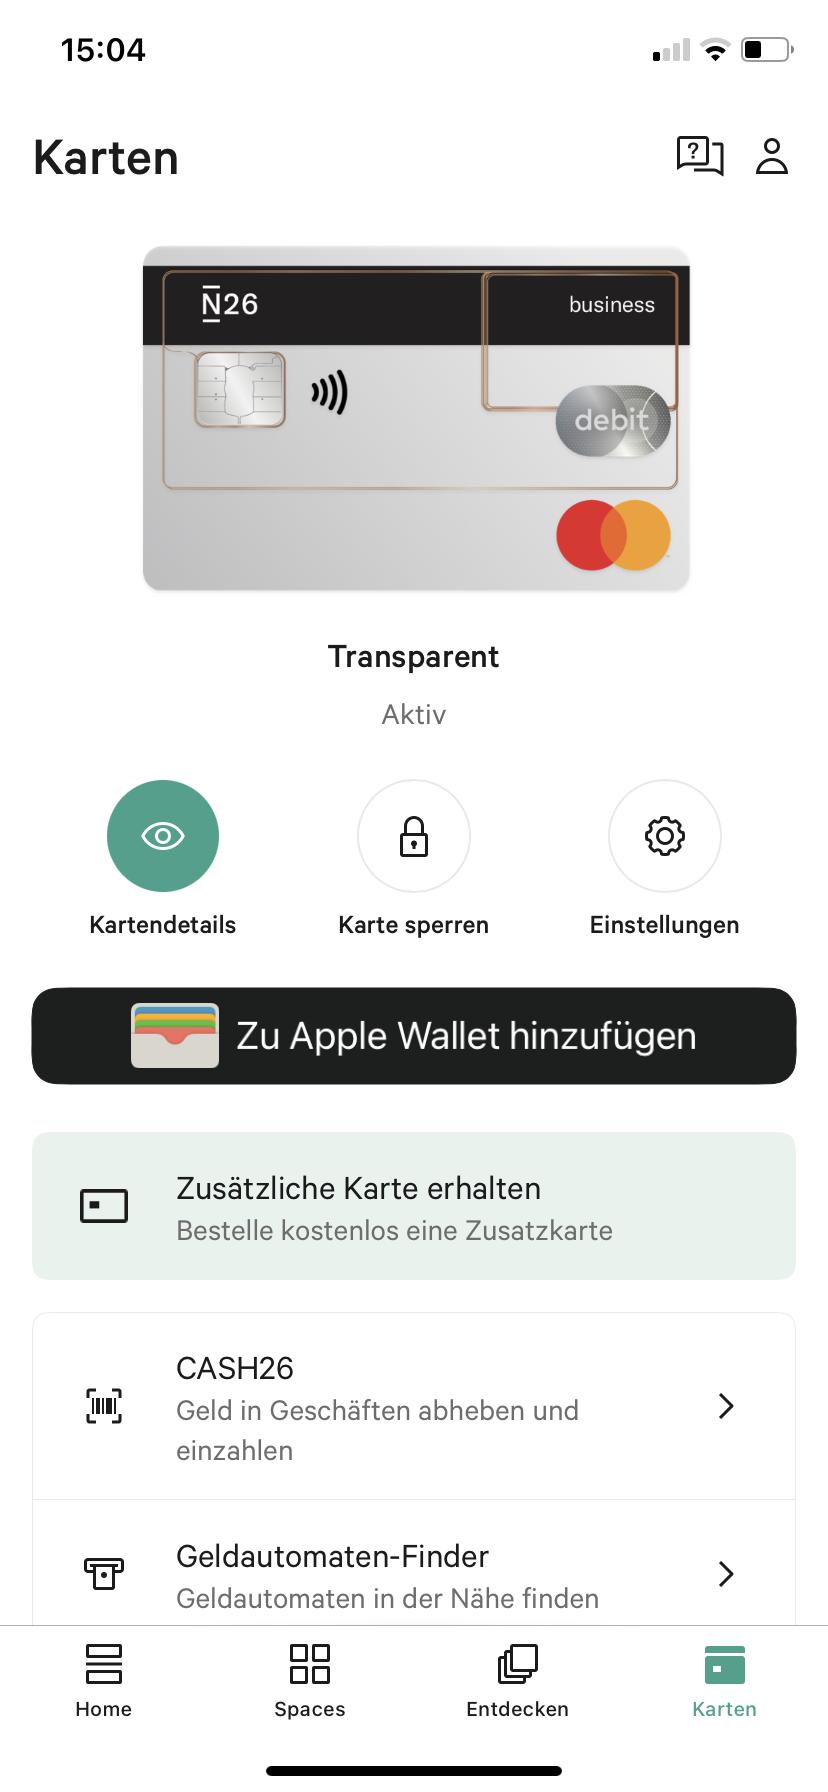 N26 Kostenloses Girokonto mit kostenloser Kreditkarte Die besten Tools und Programme für Influencer und Blogger   https://youdid.blog